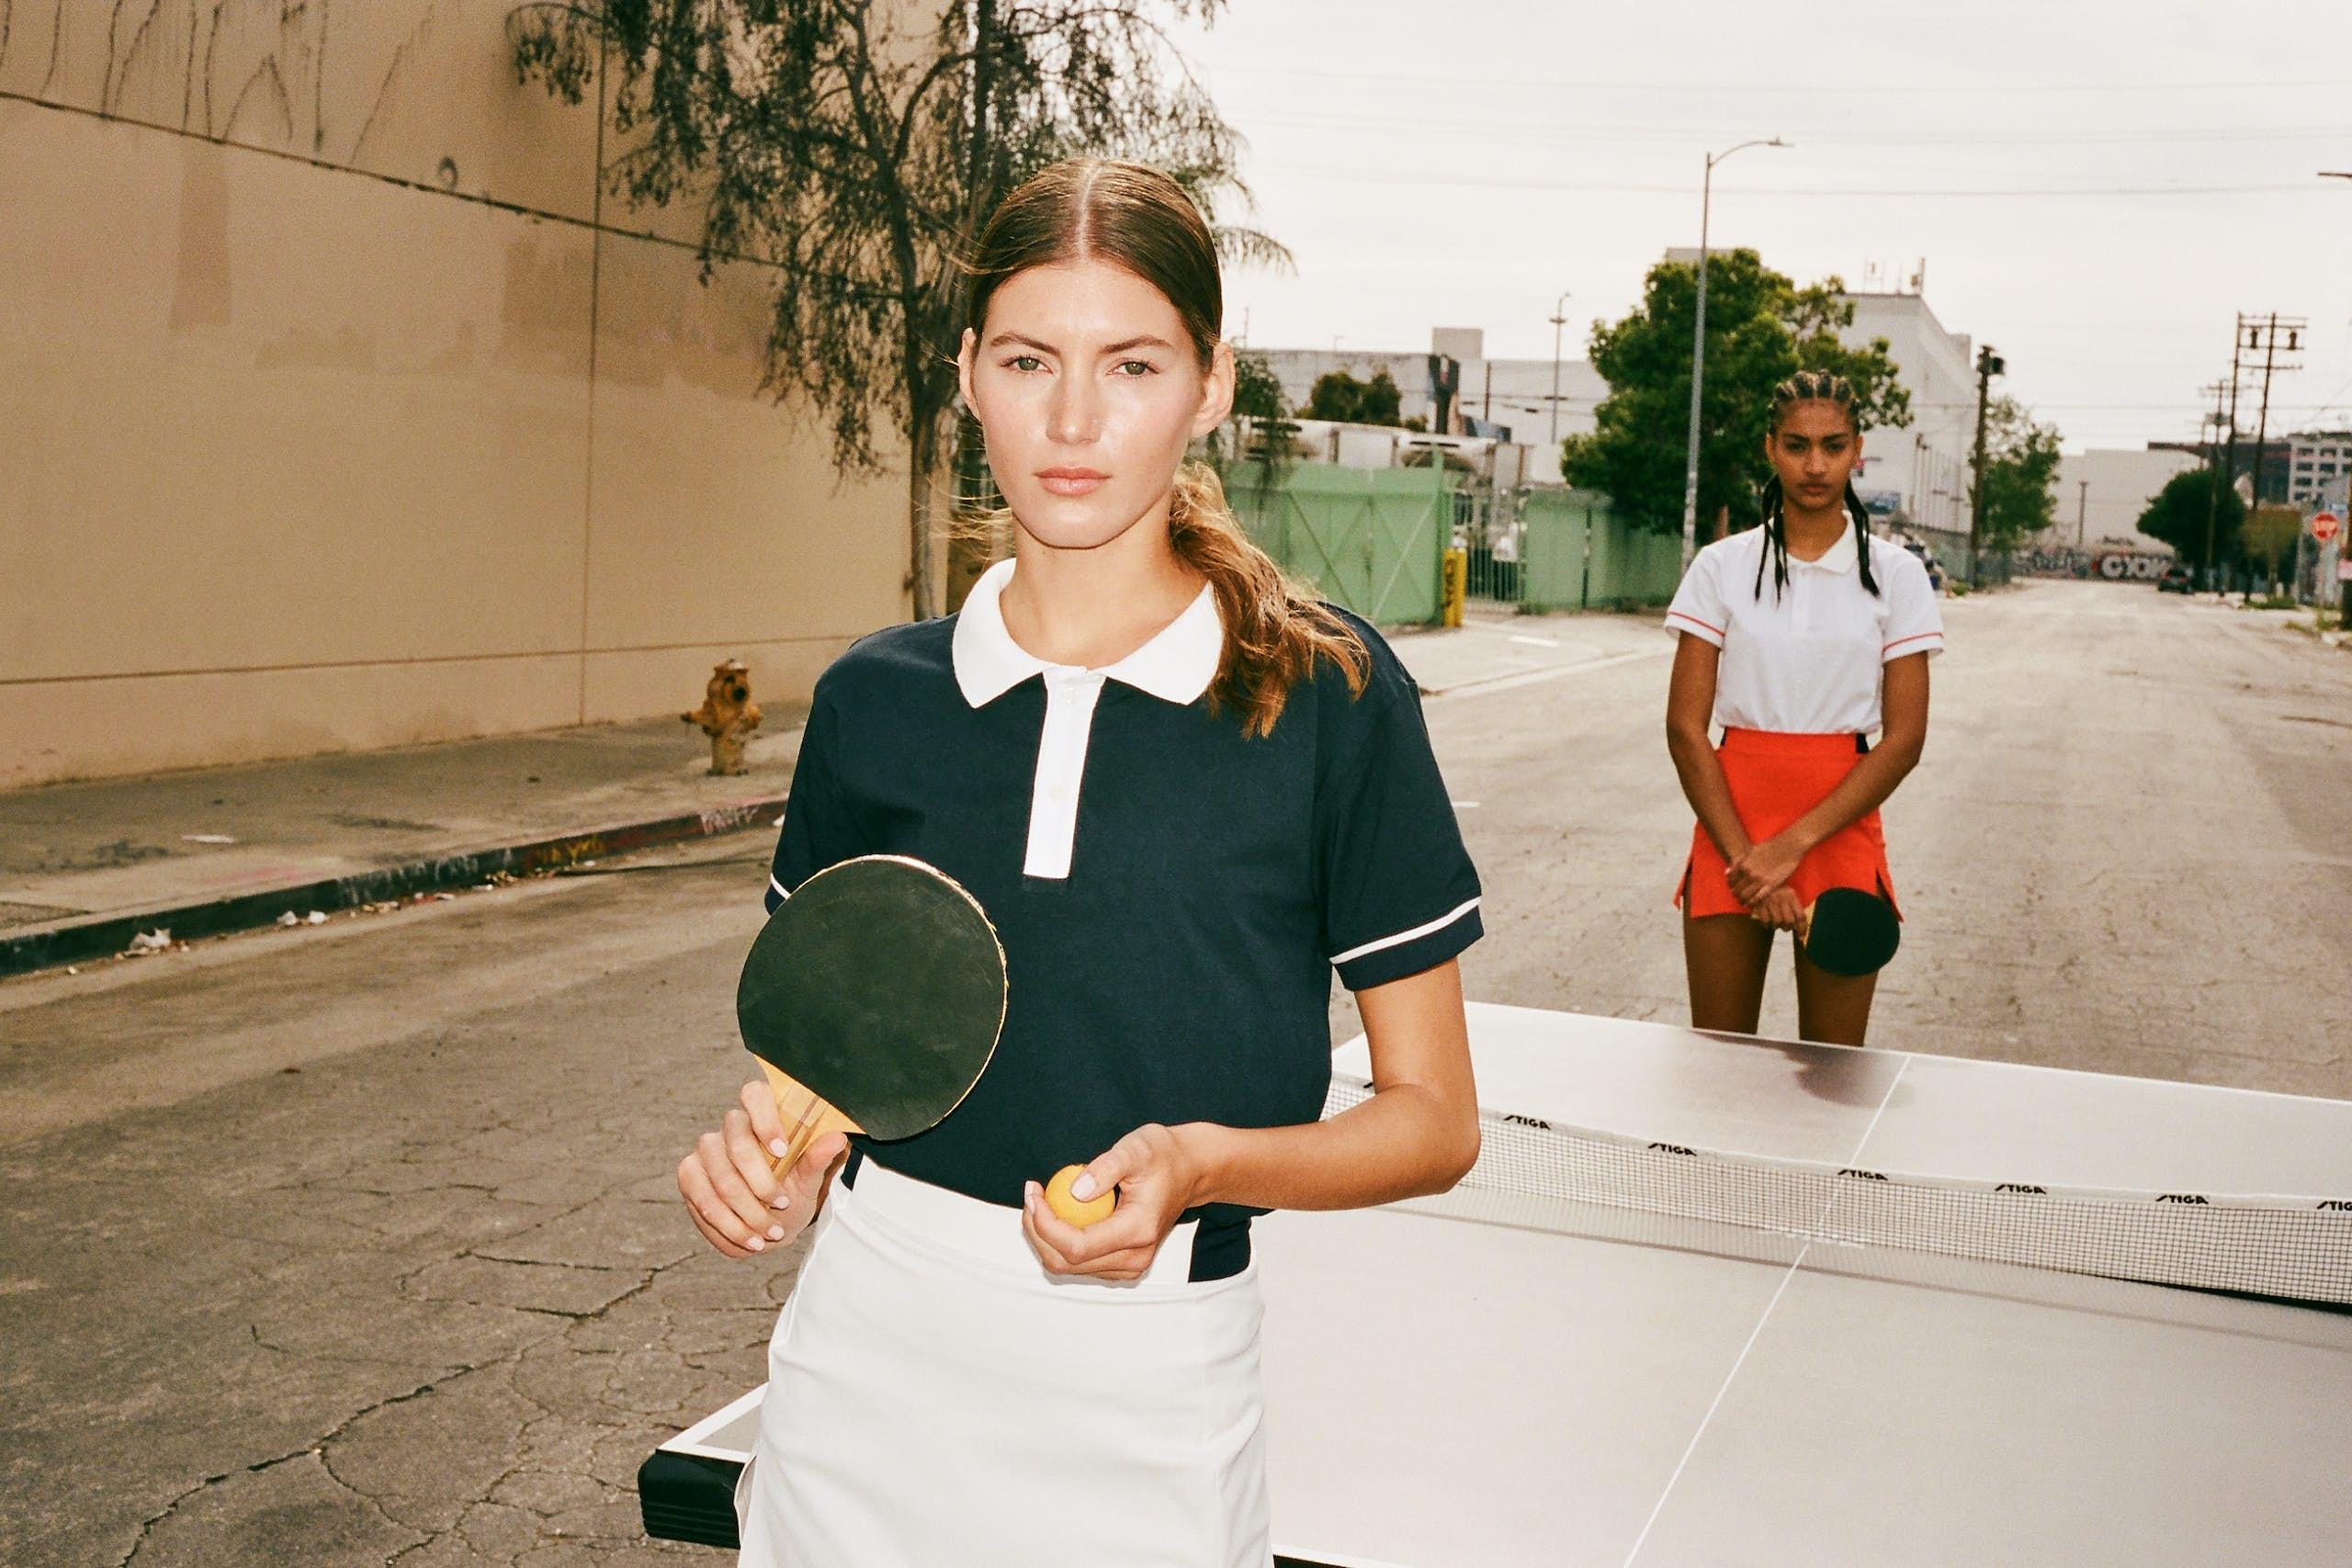 tennis d